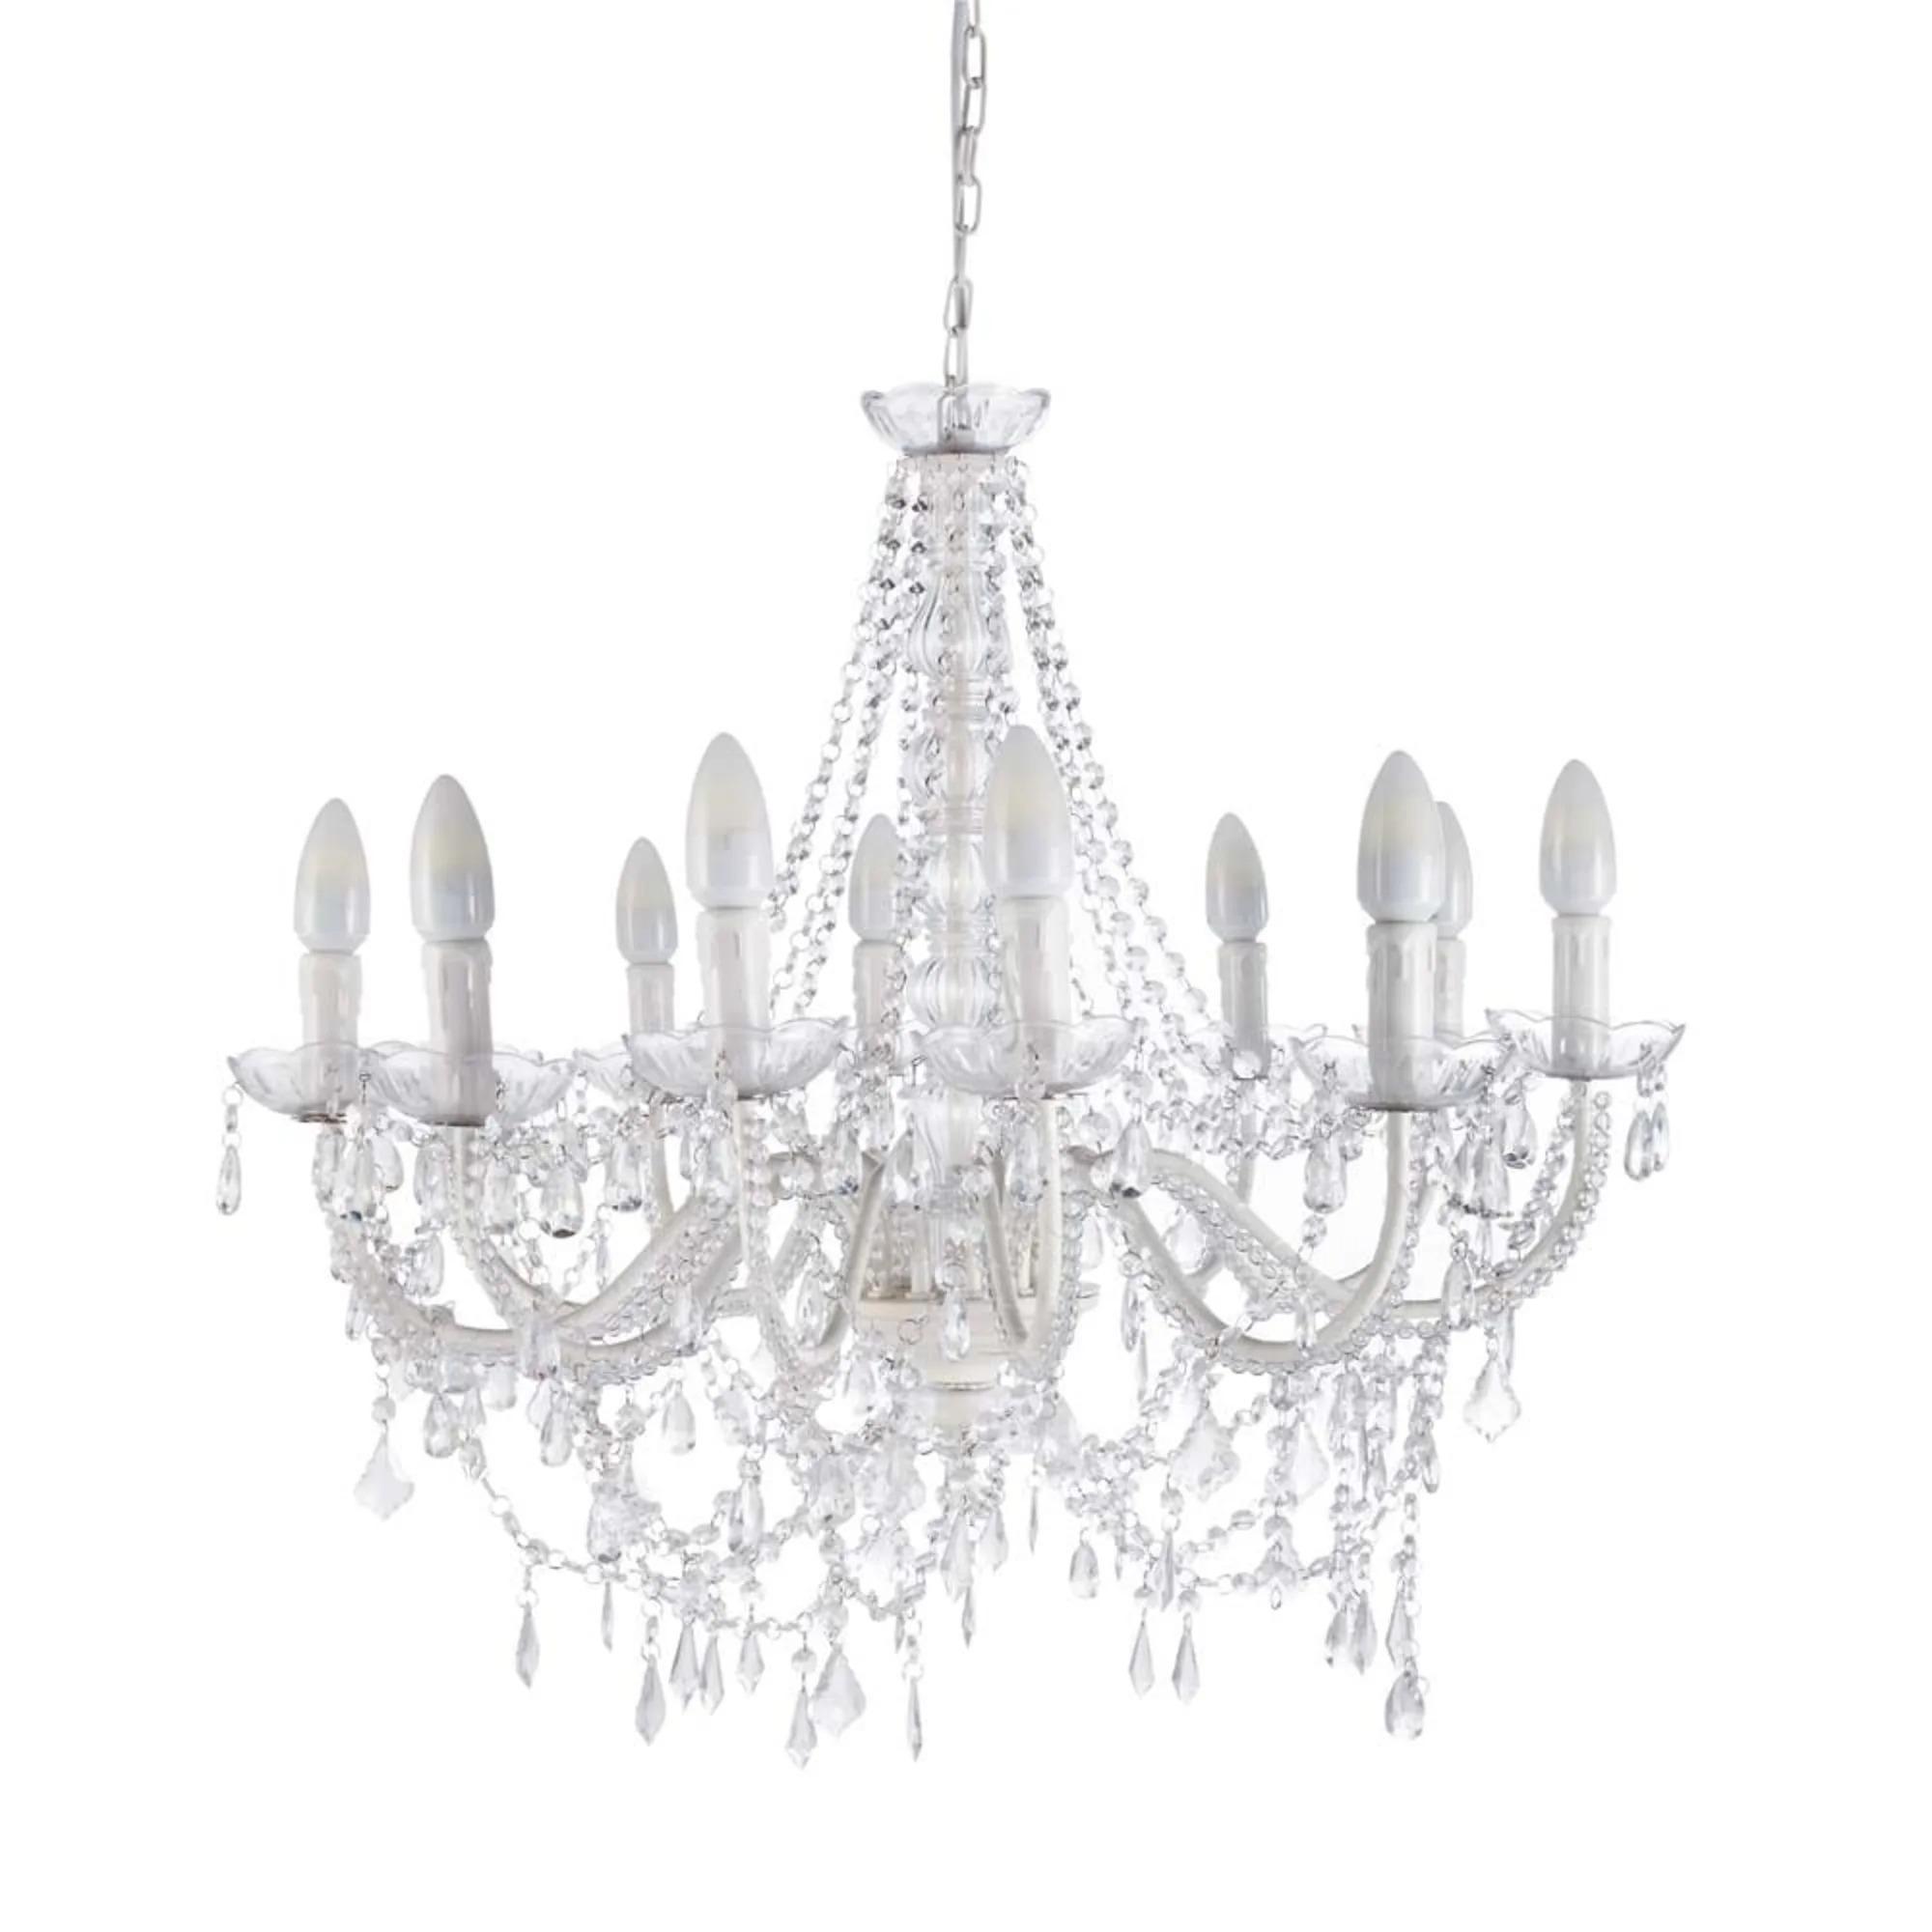 Esta suntuosa lámpara vestirá el techo de tu salón o sala de estar con gran elegancia.